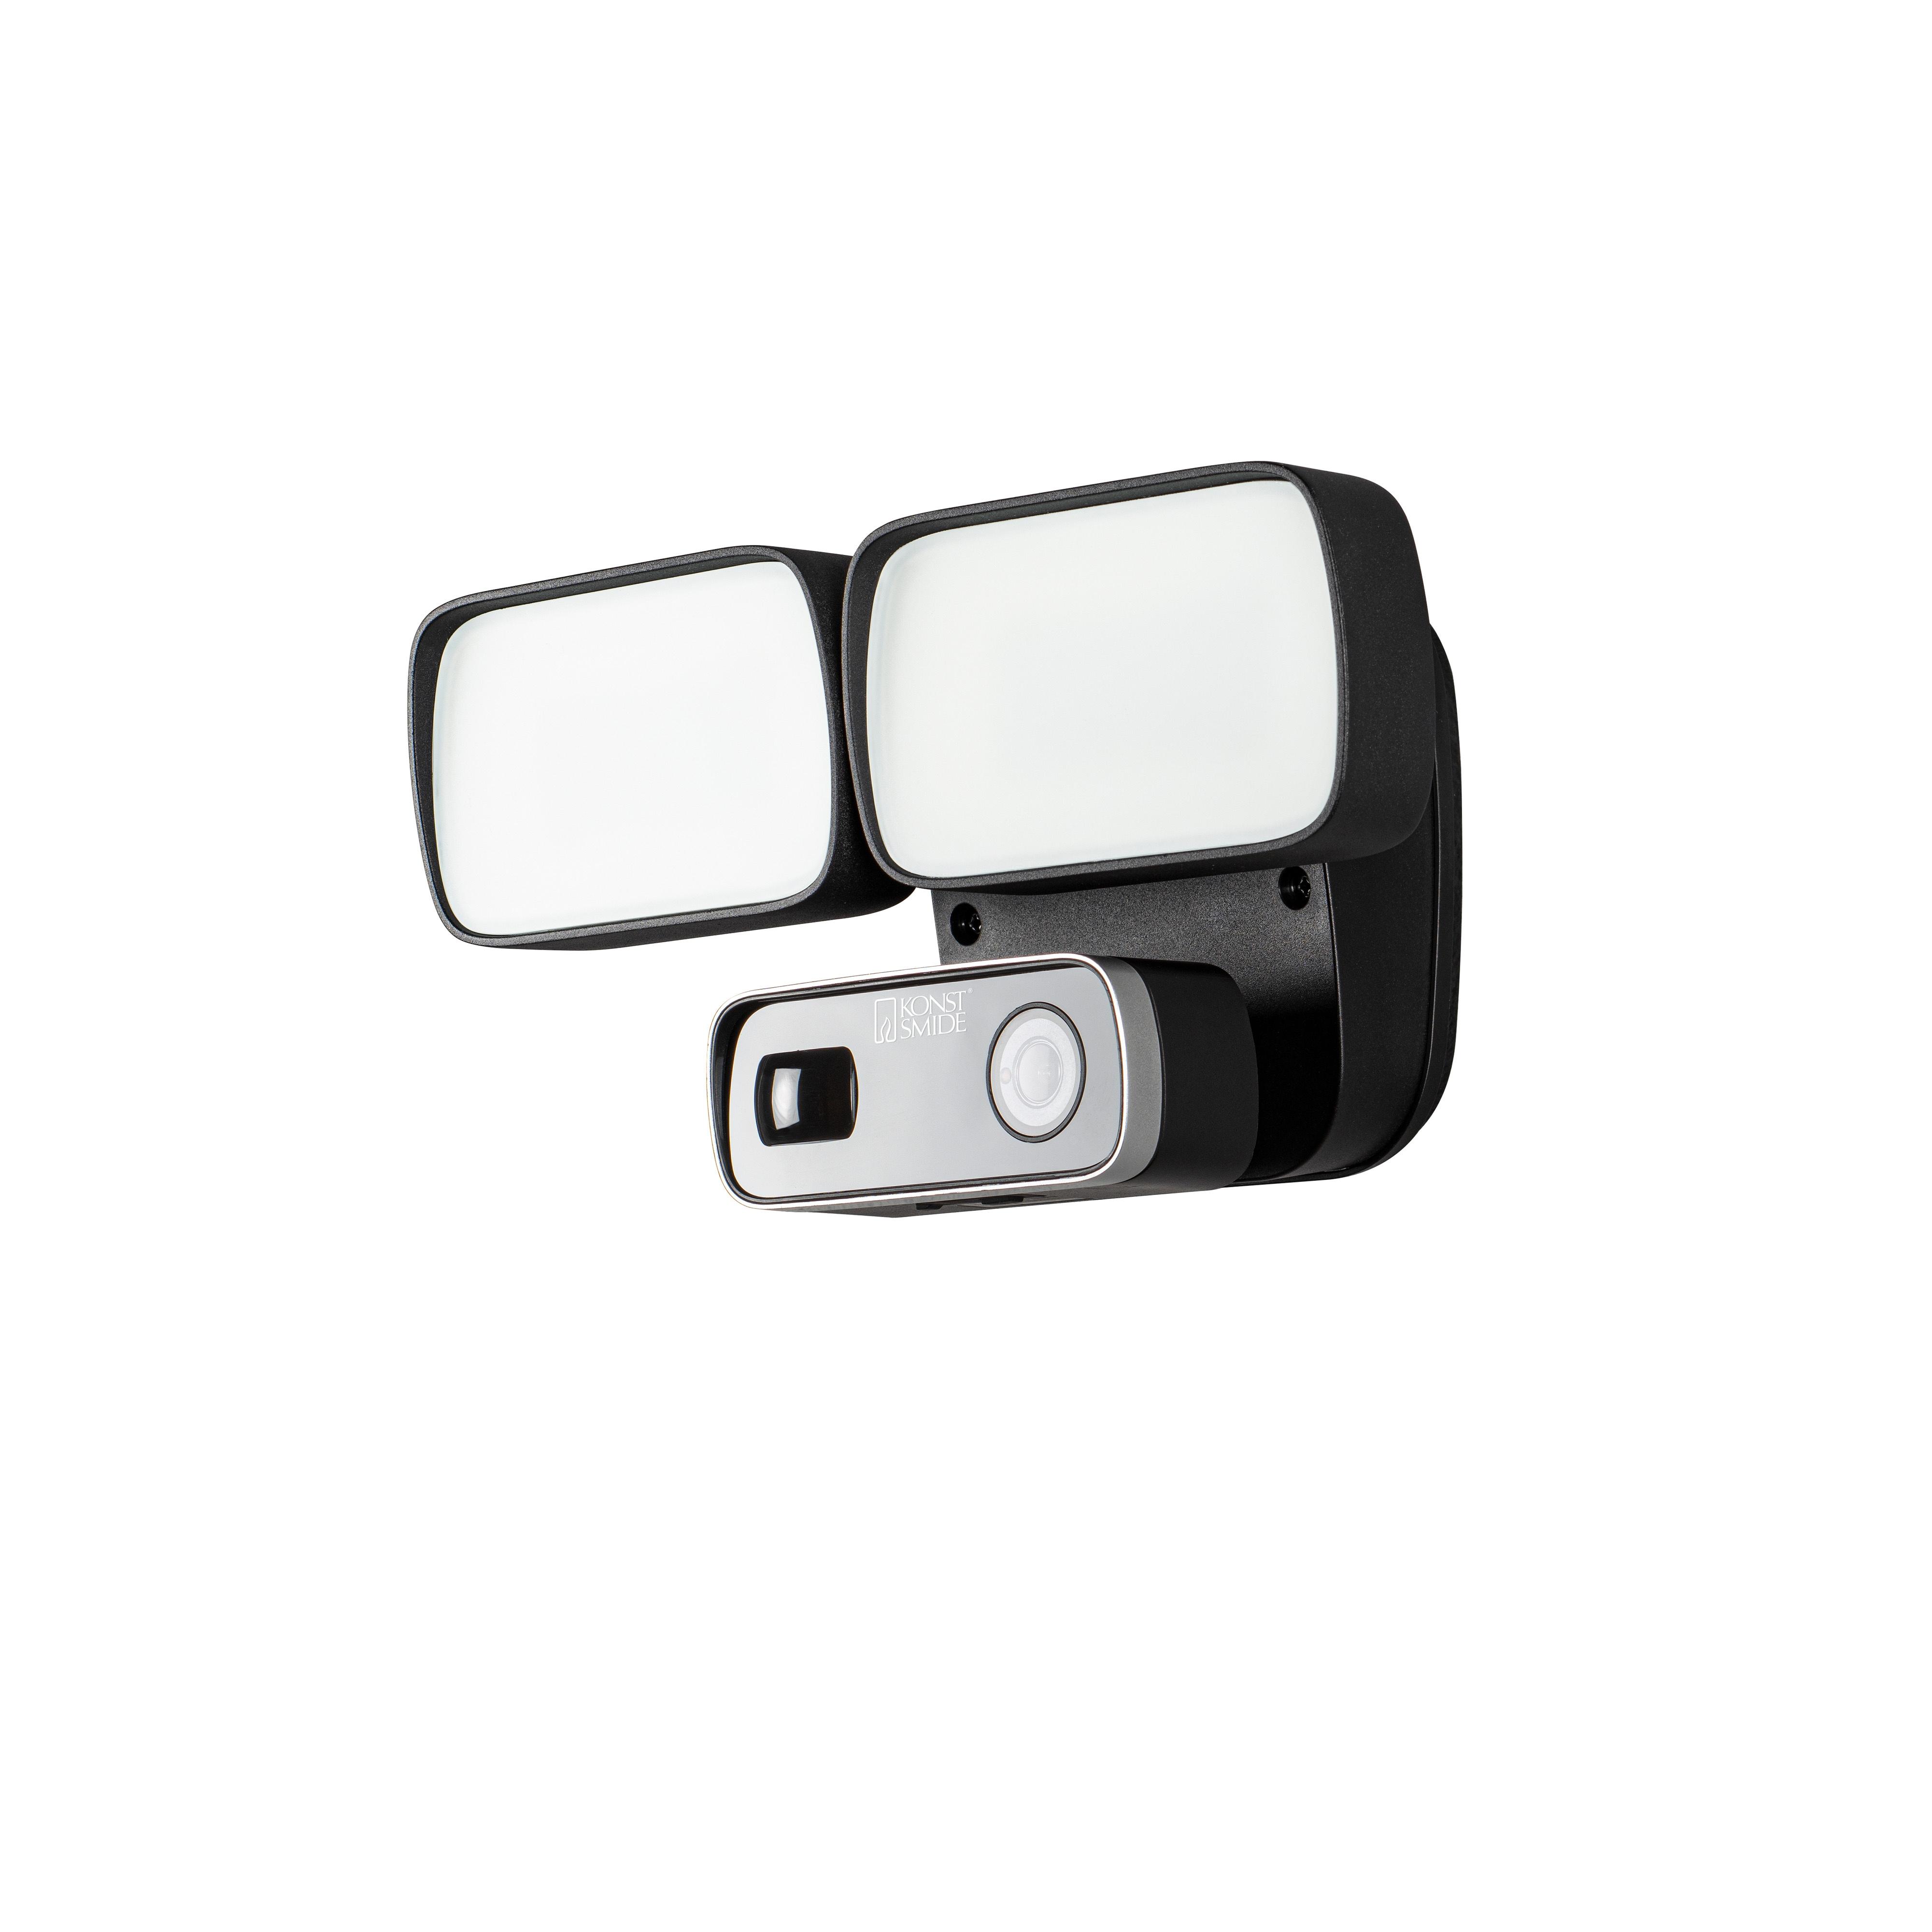 KONSTSMIDE LED Außen-Wandleuchte, Smartlight / Sicherheits- Überwachungslampe